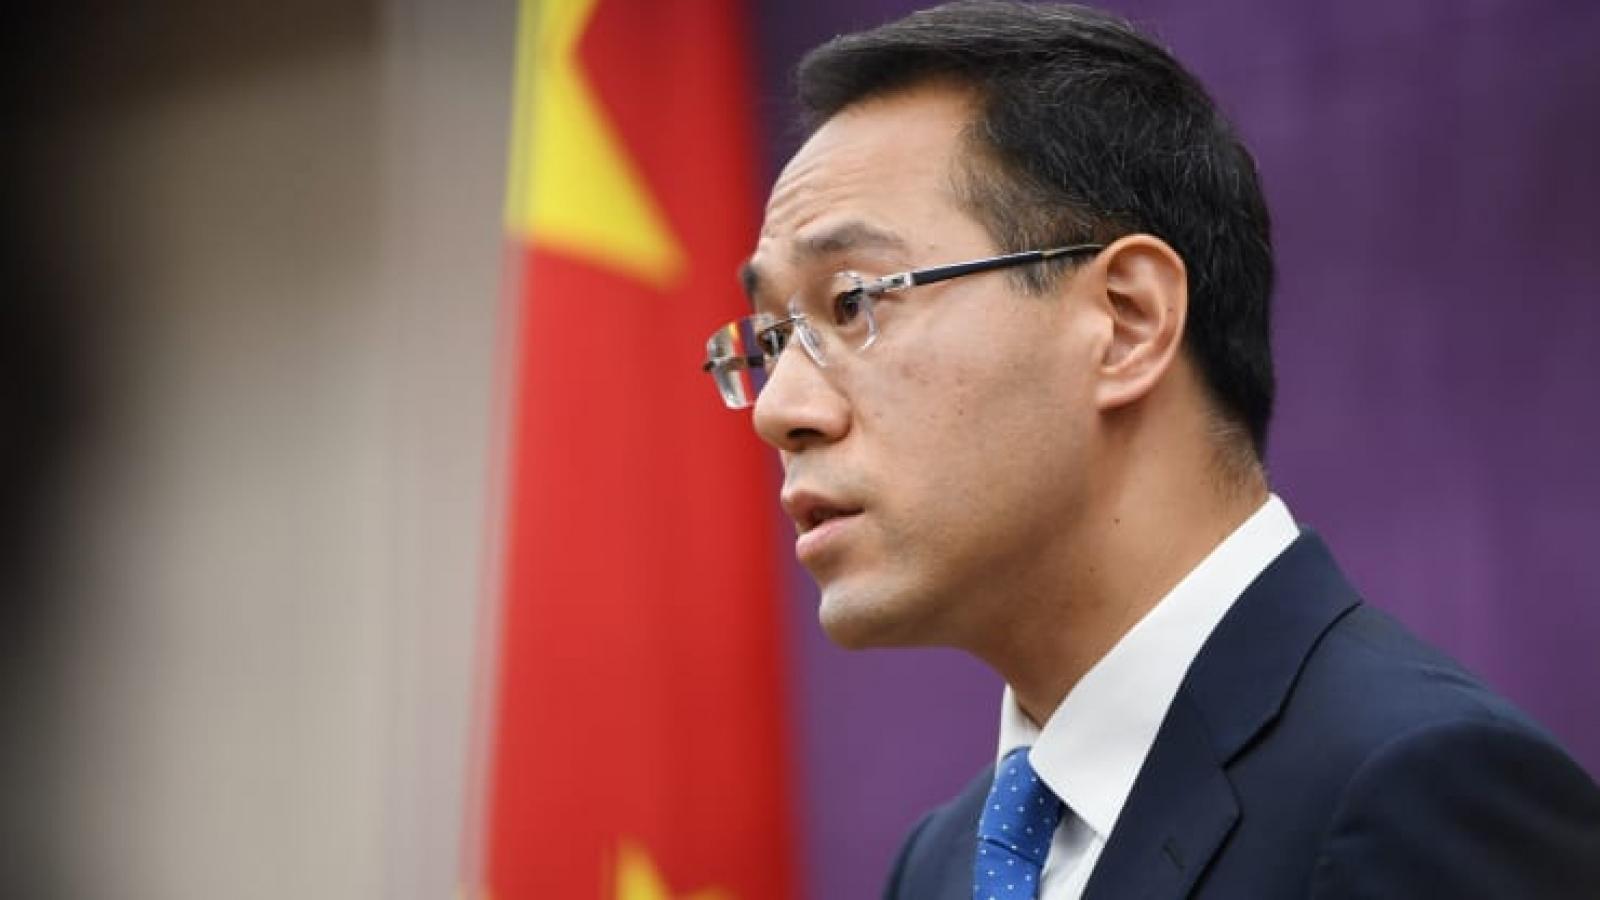 Trung Quốc triệu Đại sứ Nhật Bản về quyết định xả nước nhiễm xạ ra biển